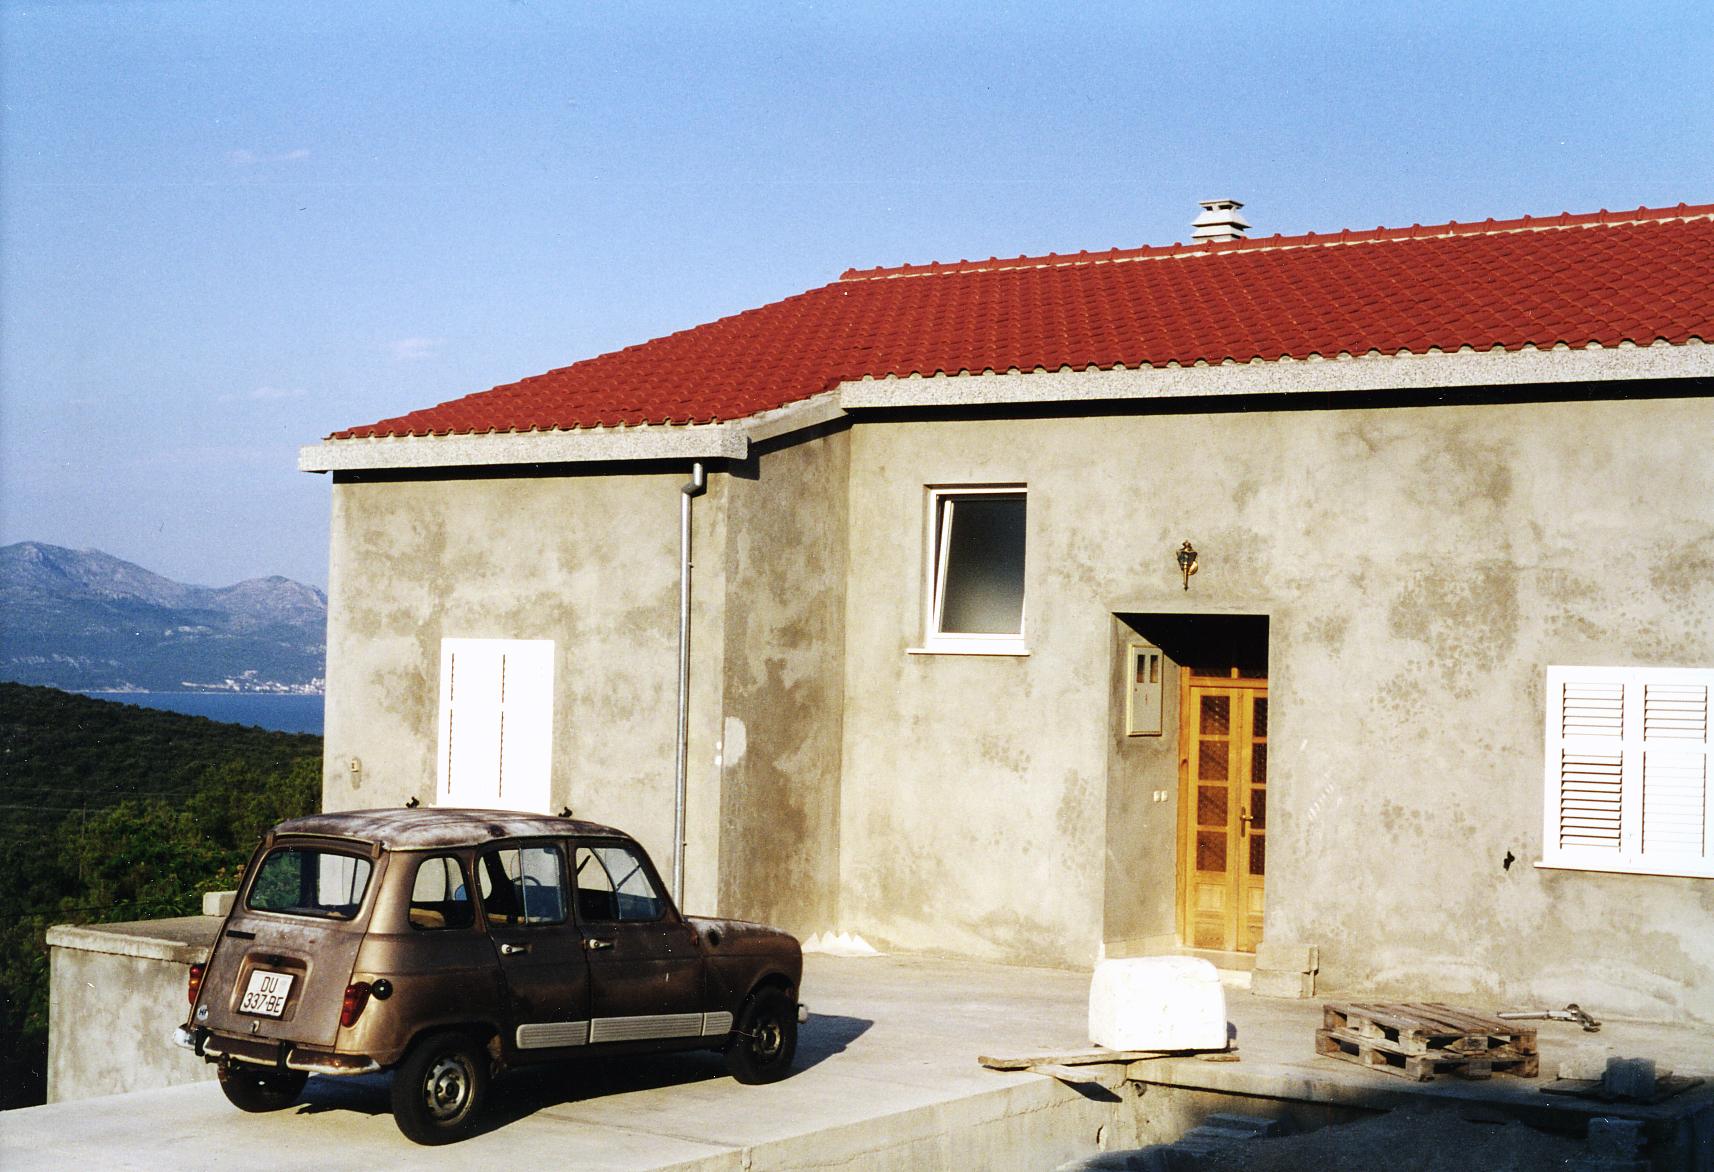 franziska_frenzel_1 brauner r4 vor beton.jpg